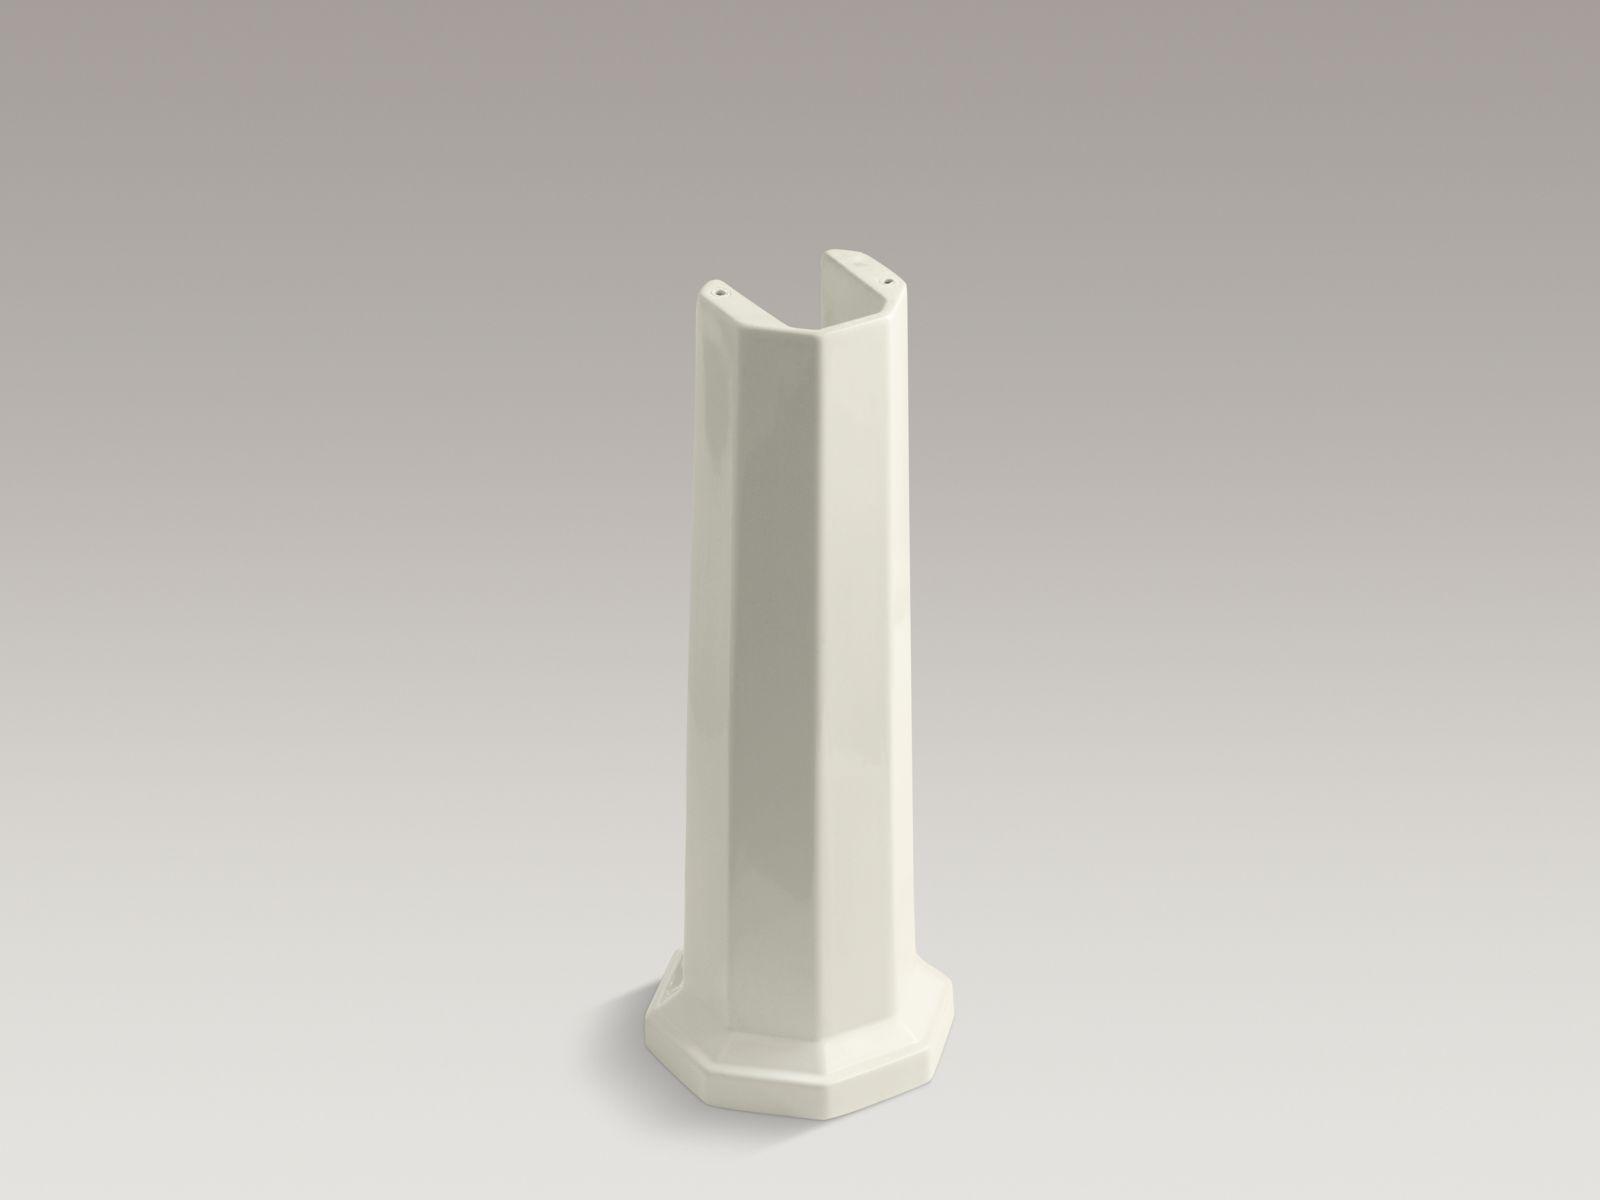 Kohler K-2324-96 Kathryn Pedestal Leg Biscuit